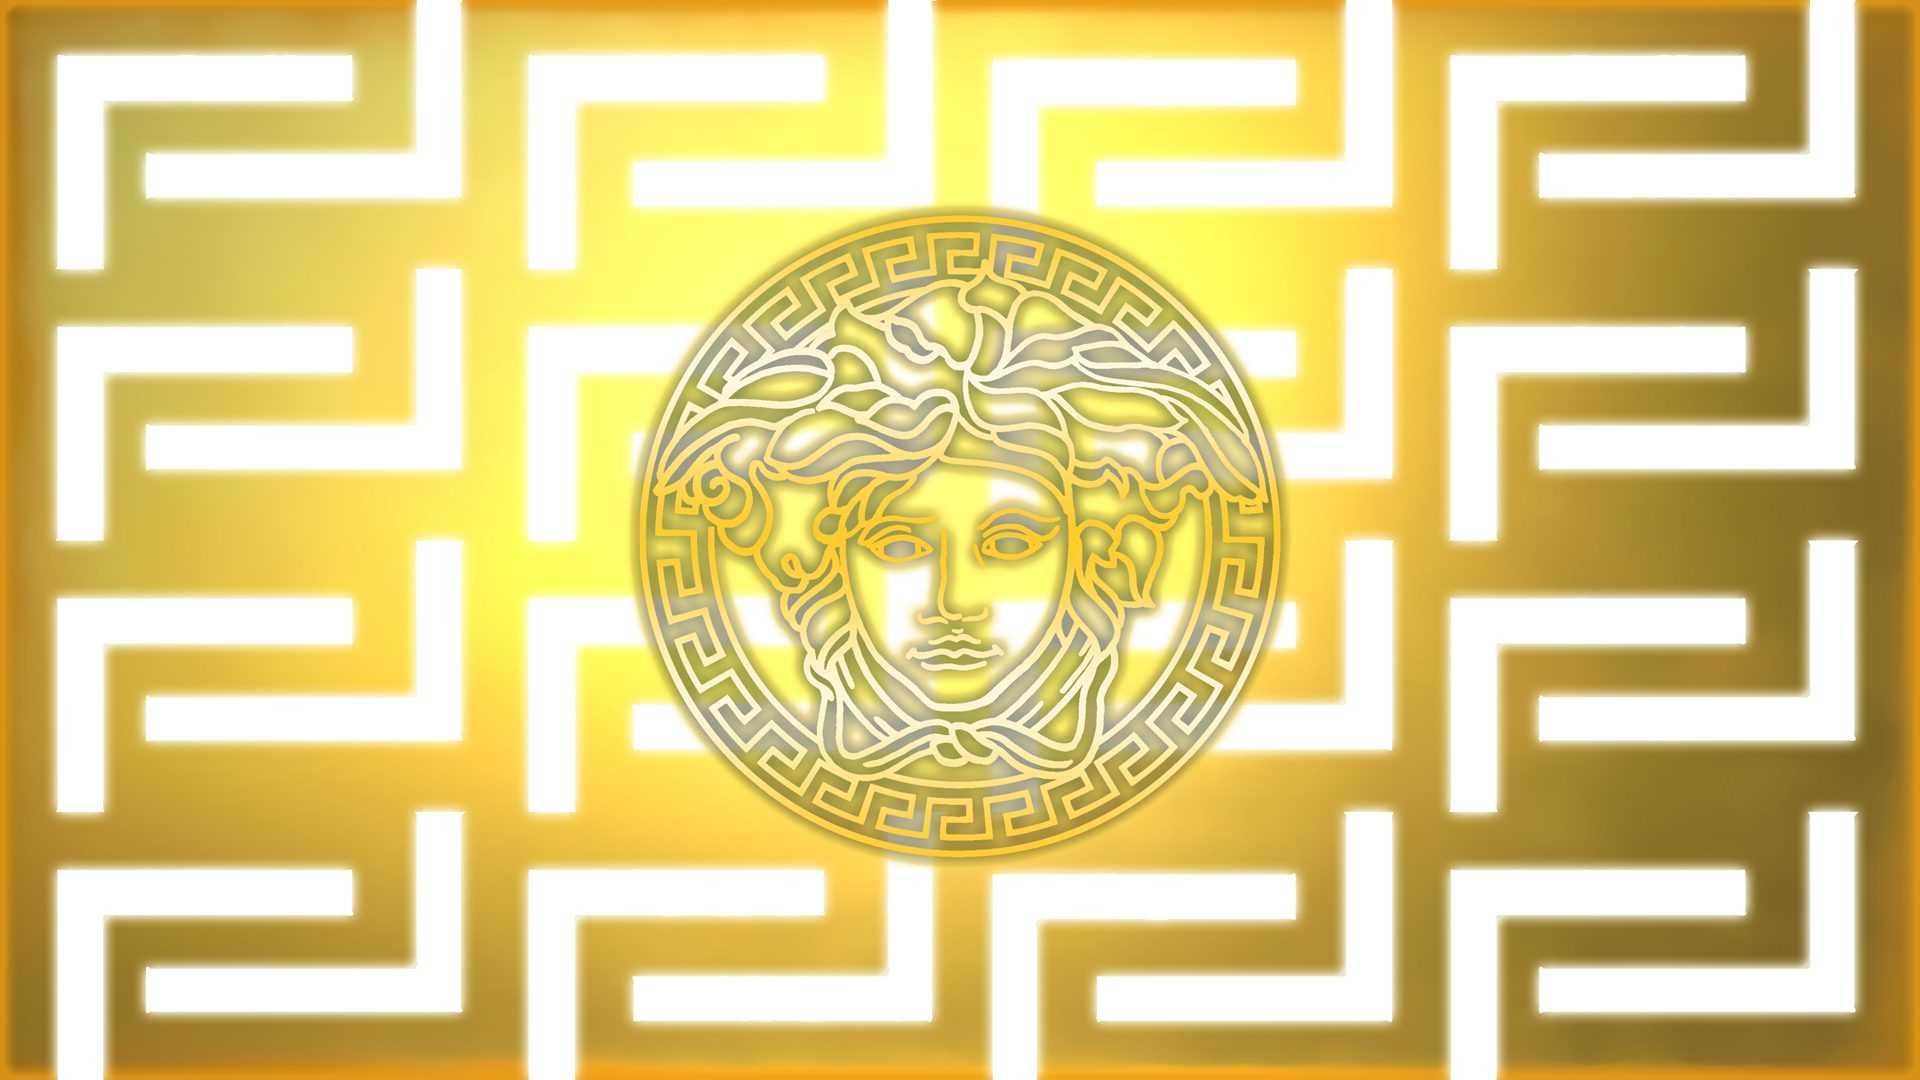 Versace jellegzetes Medusa logojó